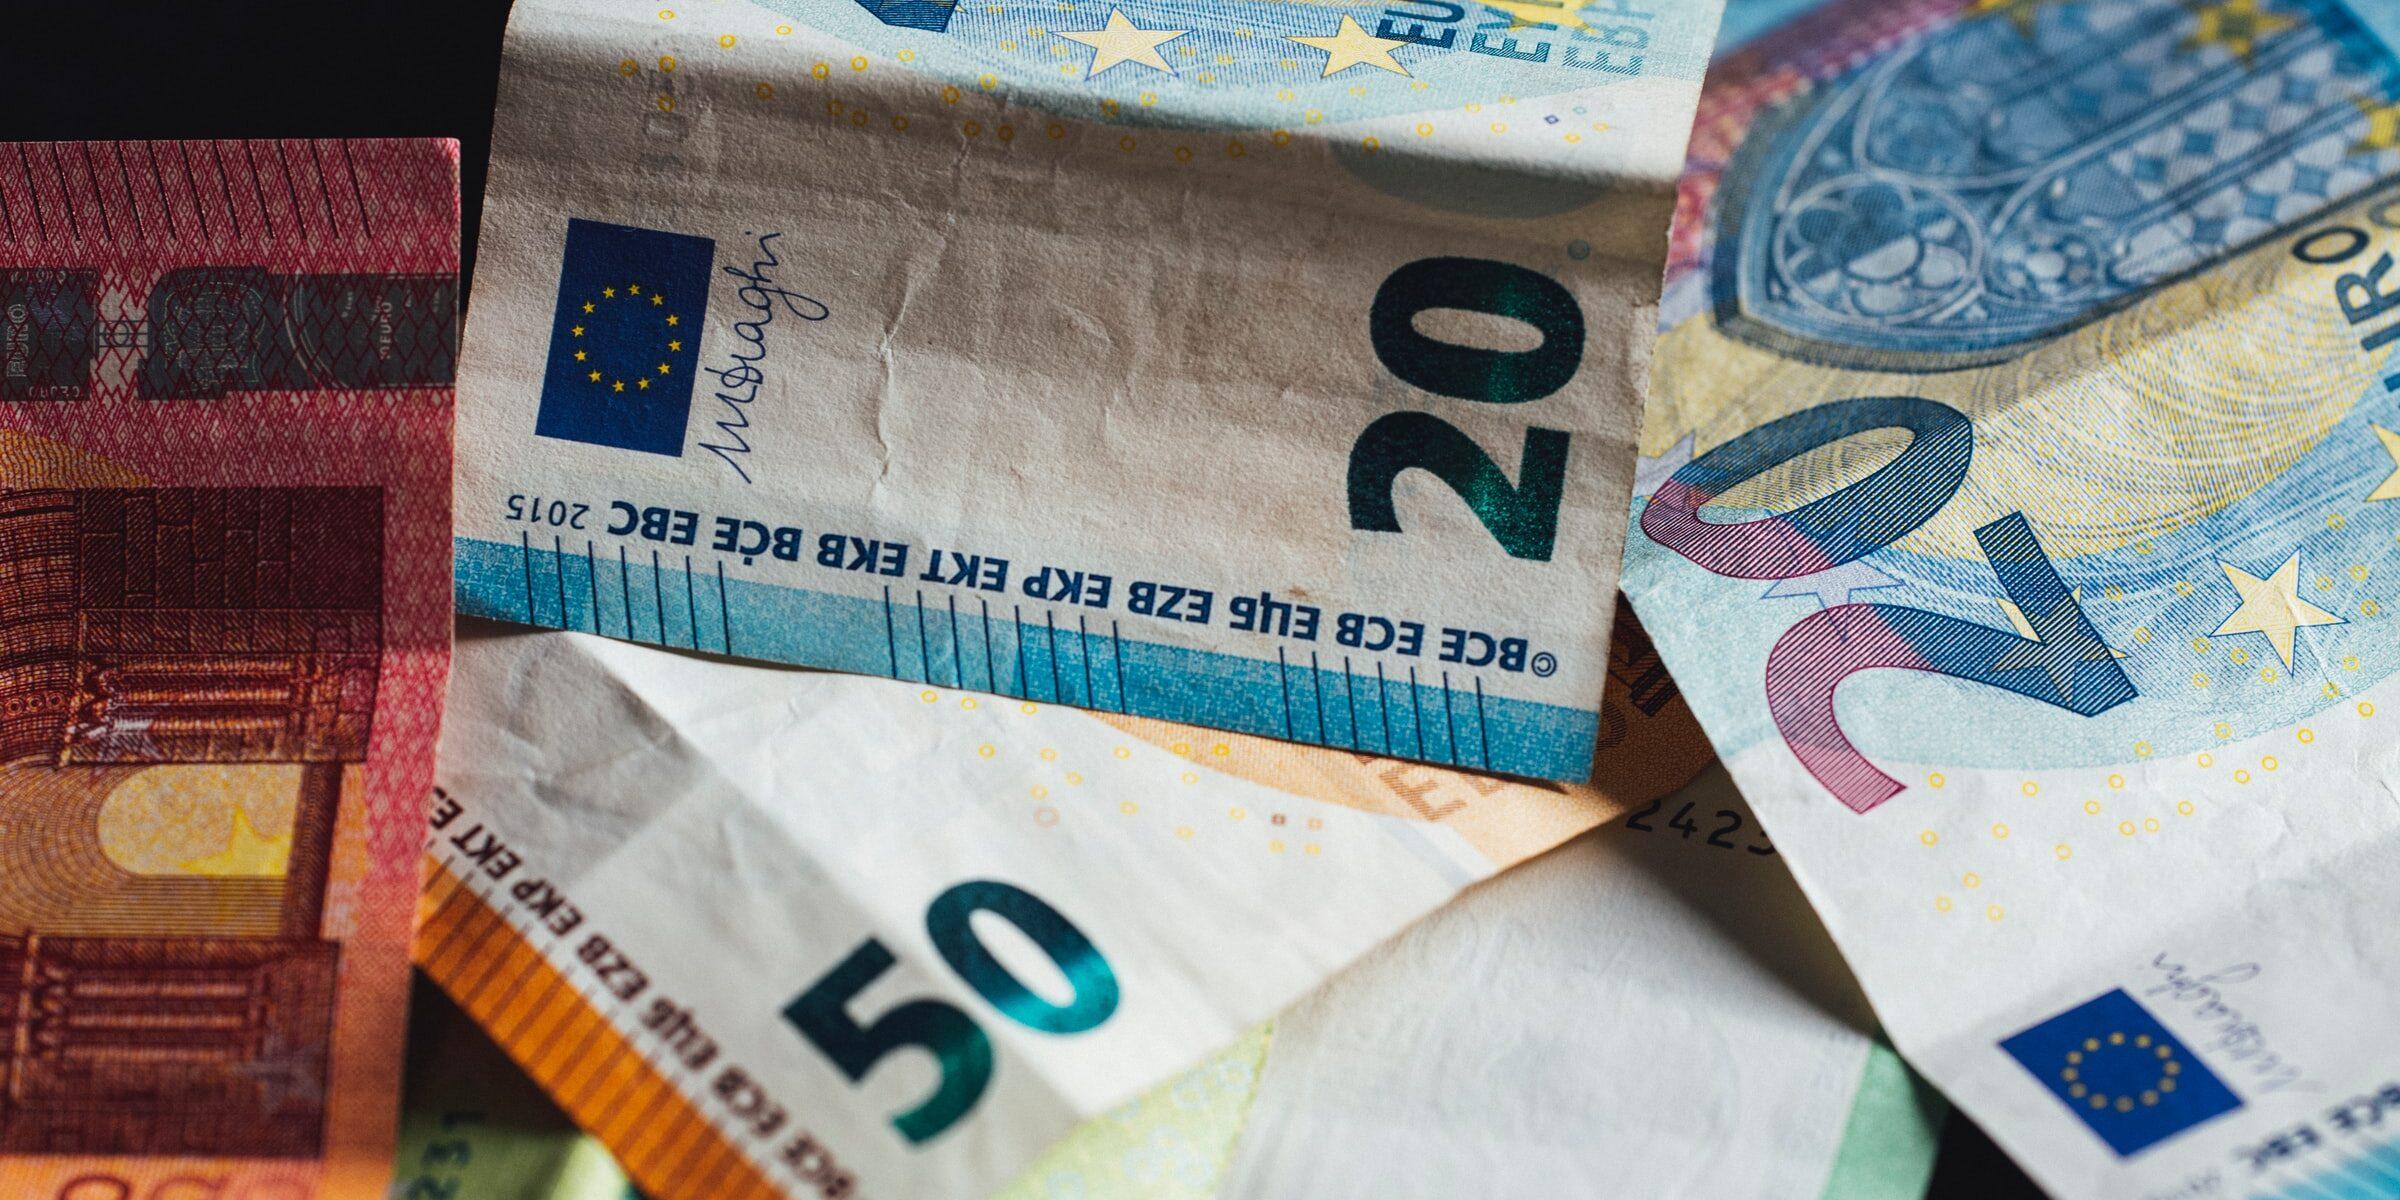 Rypistyneitä 20, 50 ja 100 euron seteleitä